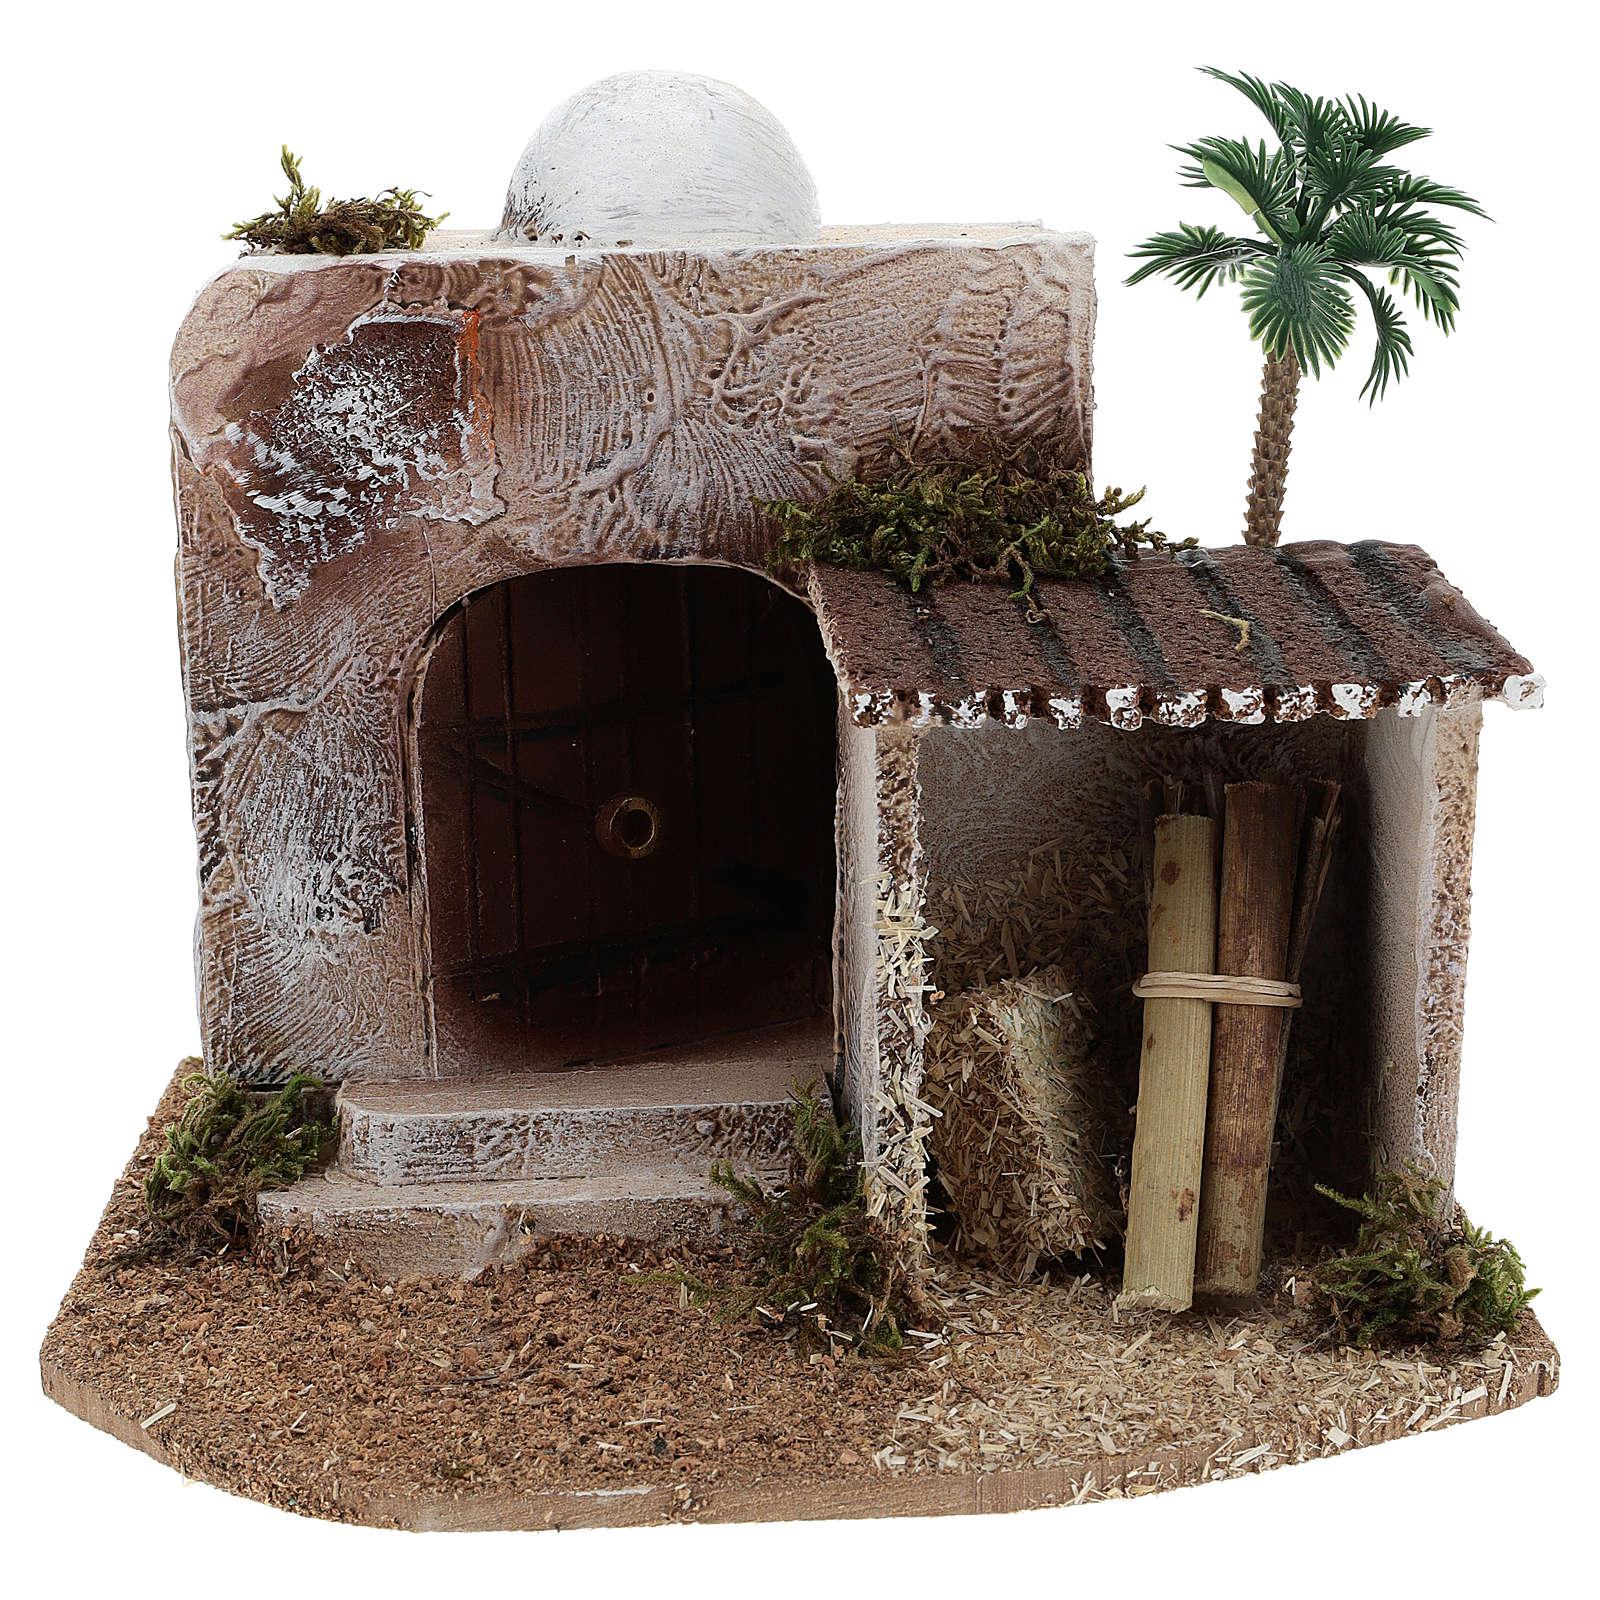 Maison avec cabane crèche style arabe 15x20x15 cm 4